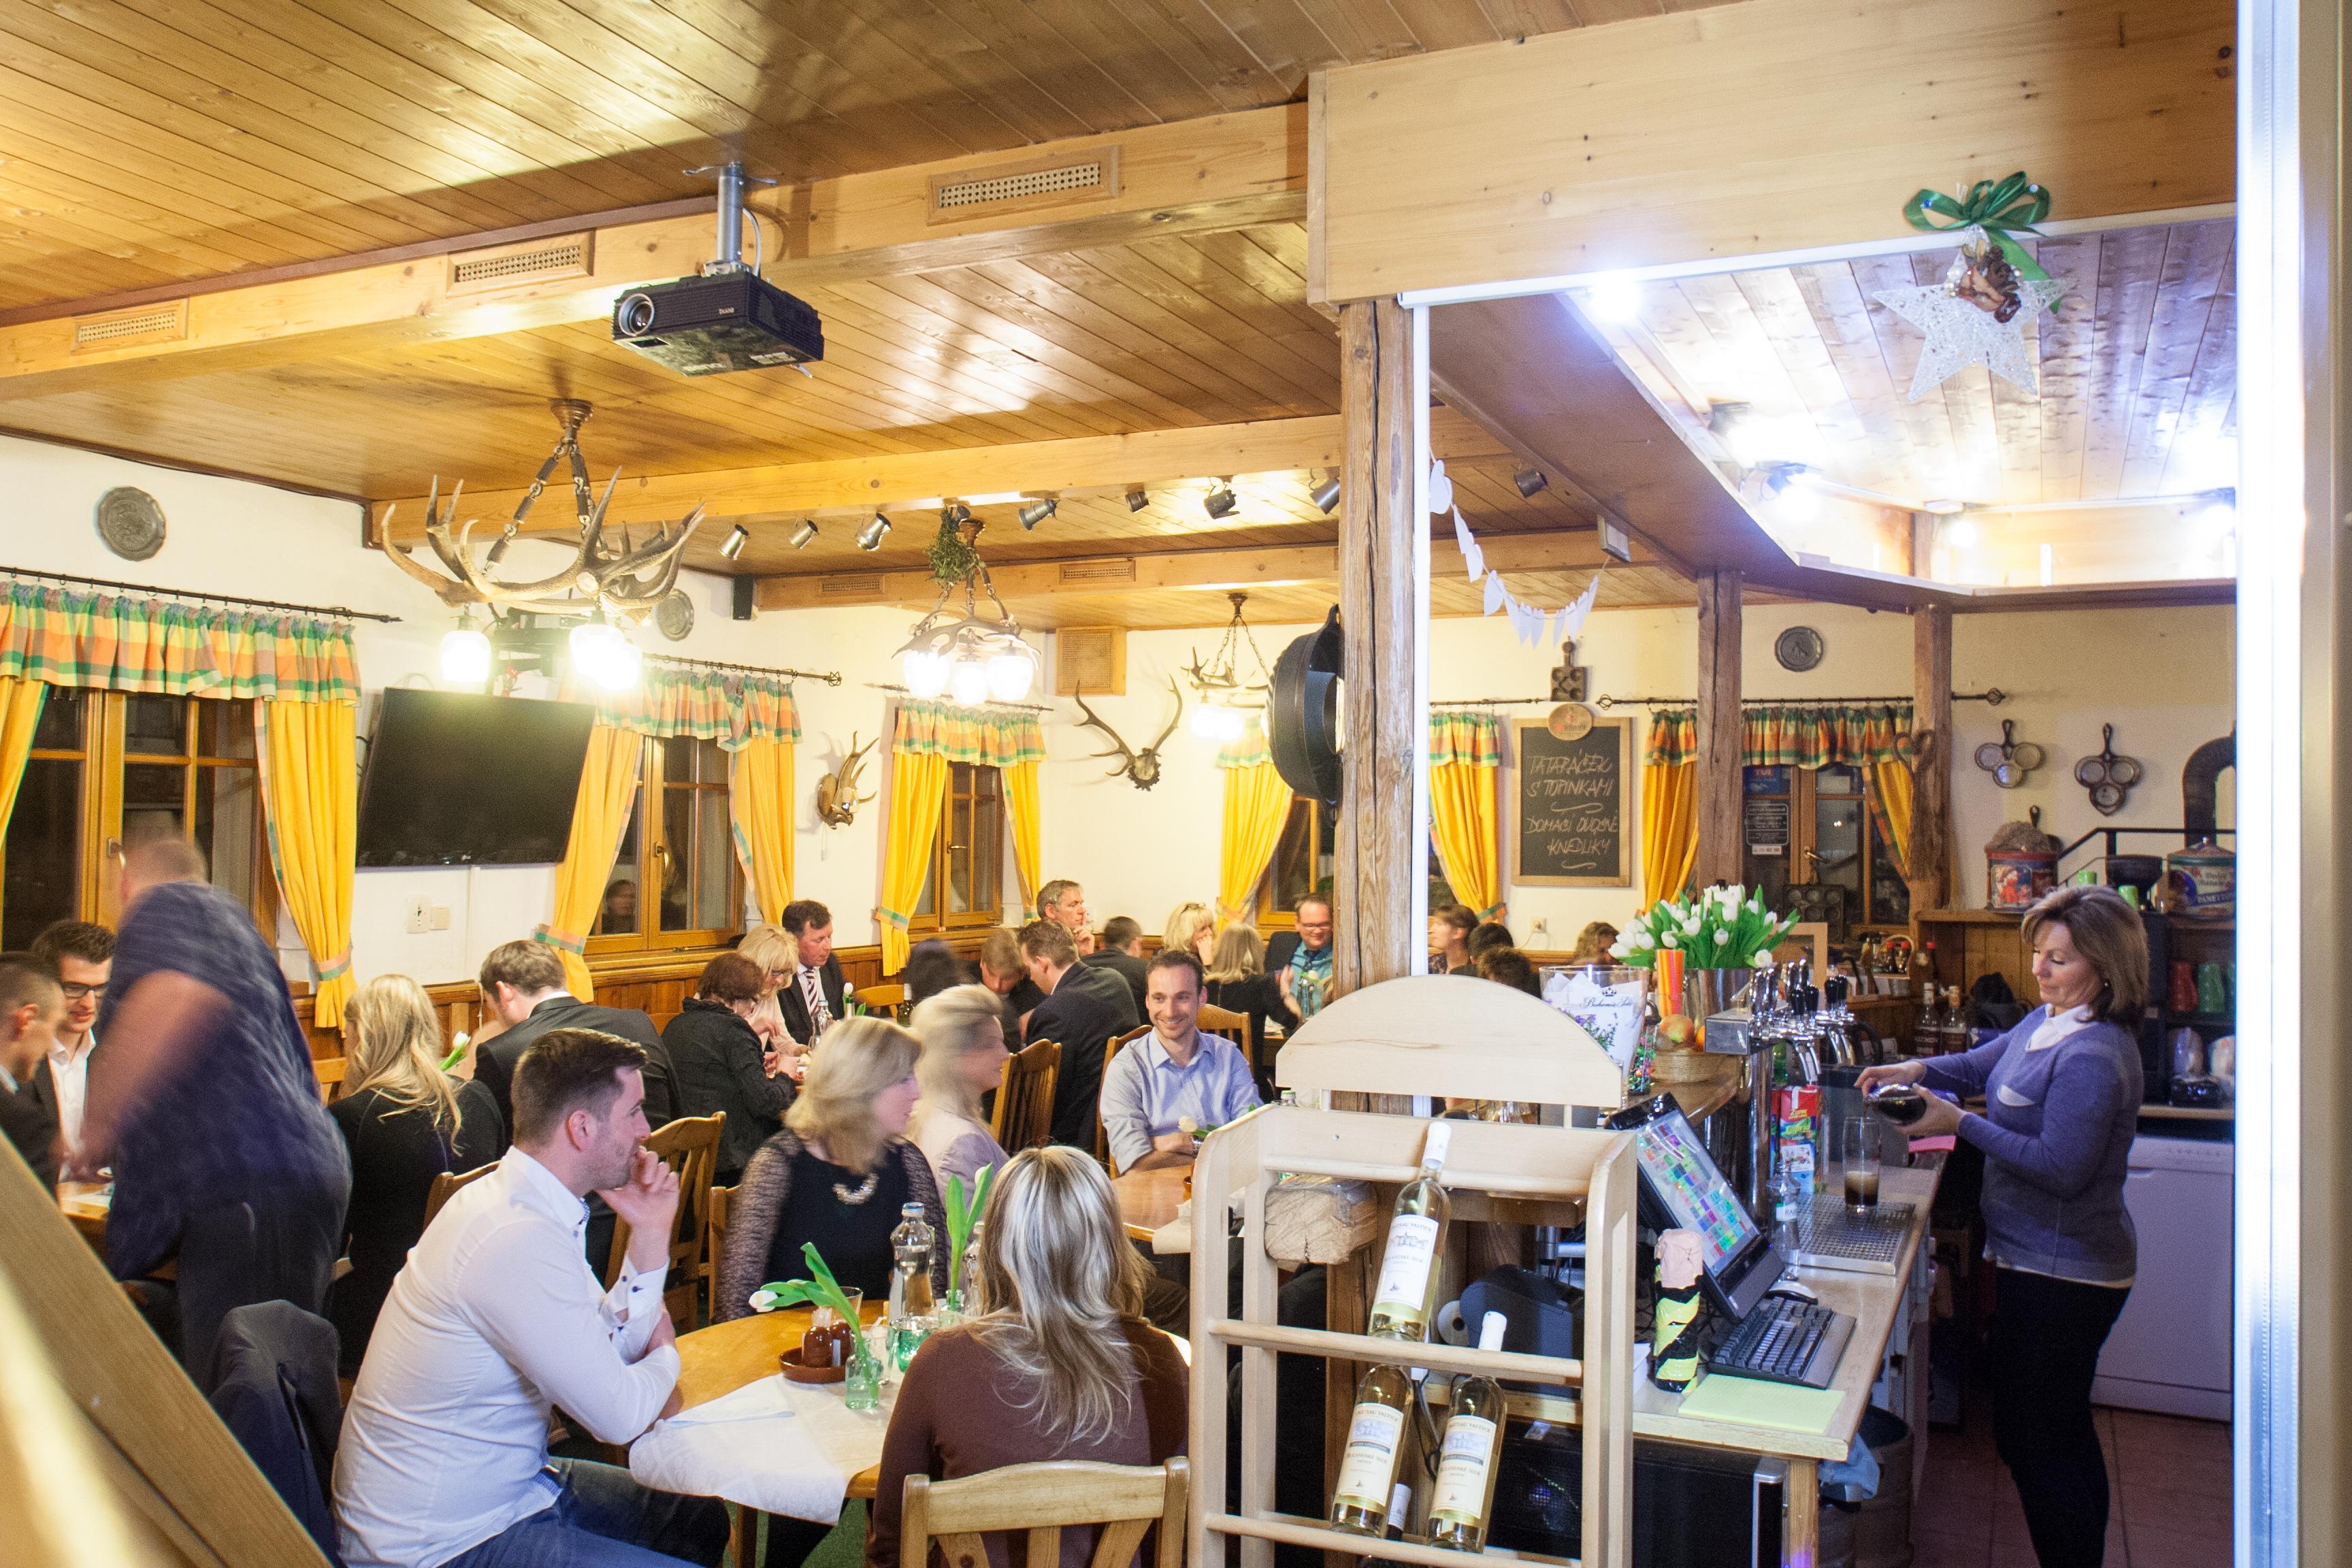 Unsere Gaststätte Alenka